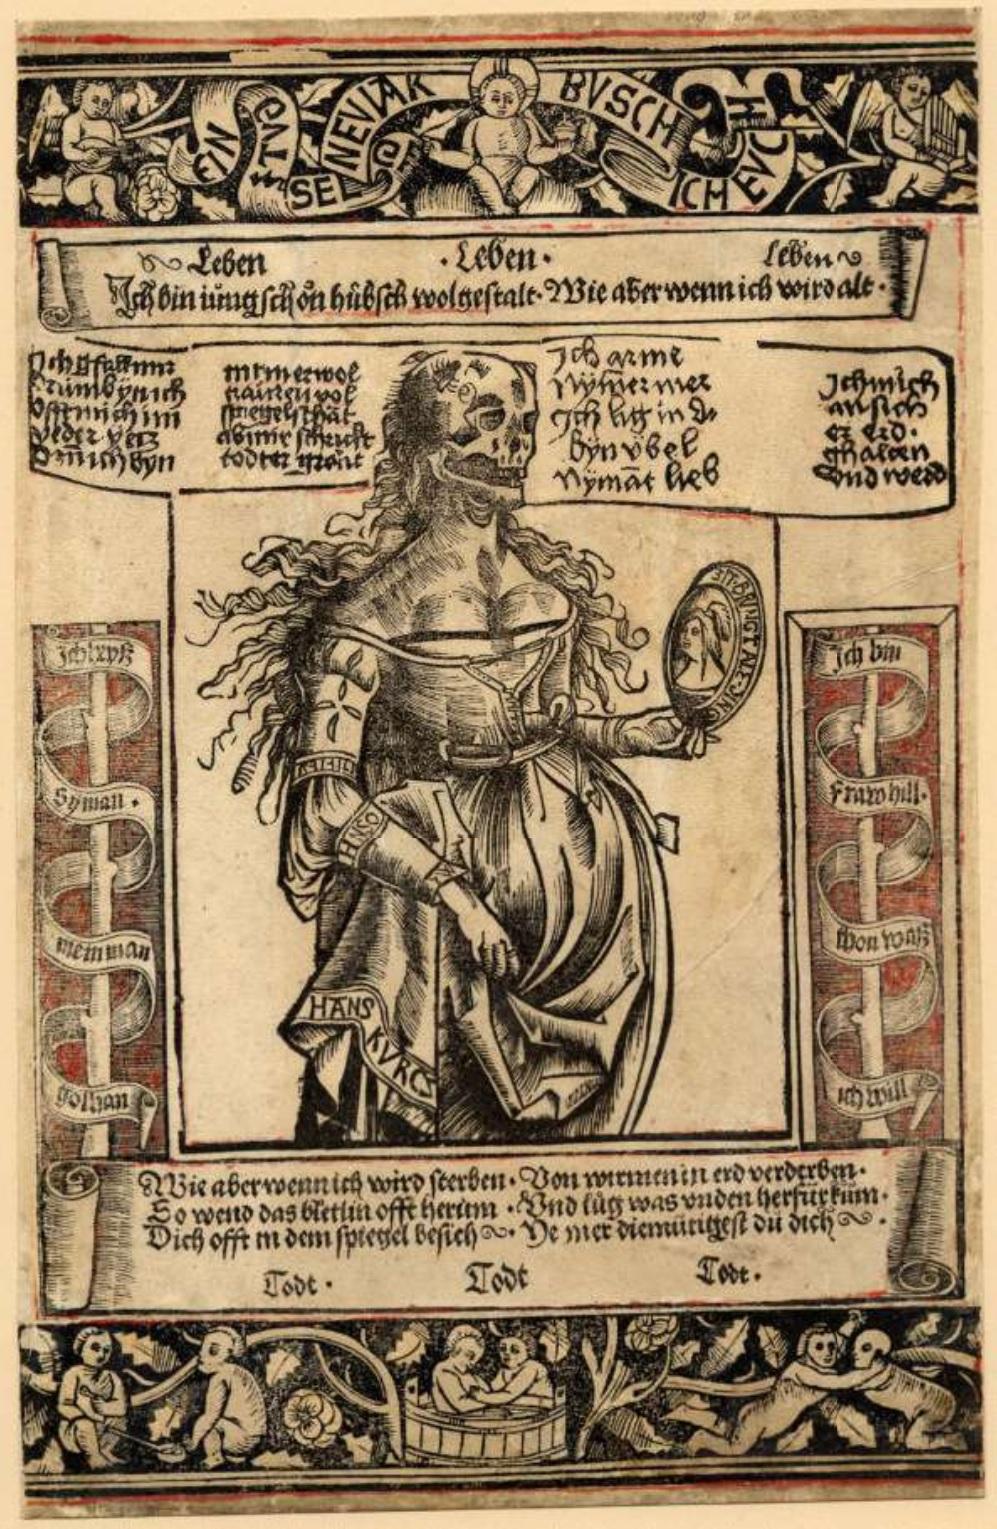 Carte de voeux publiee a Munich 1500-1510 British Museum